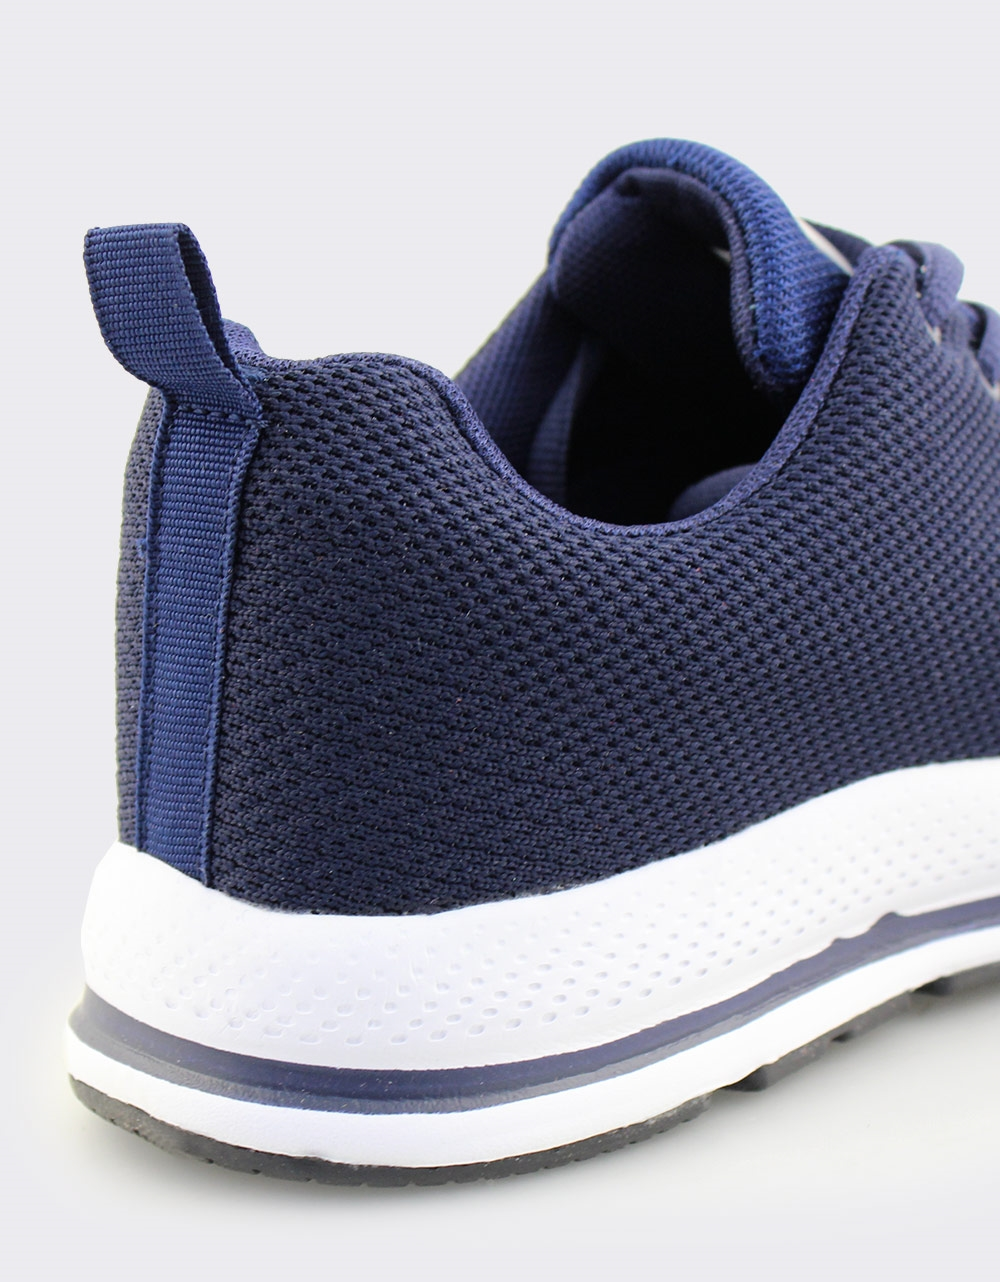 Εικόνα από Ανδρικά sneakers με λεπτομέρεια στη σόλα Μπλε/Λευκό